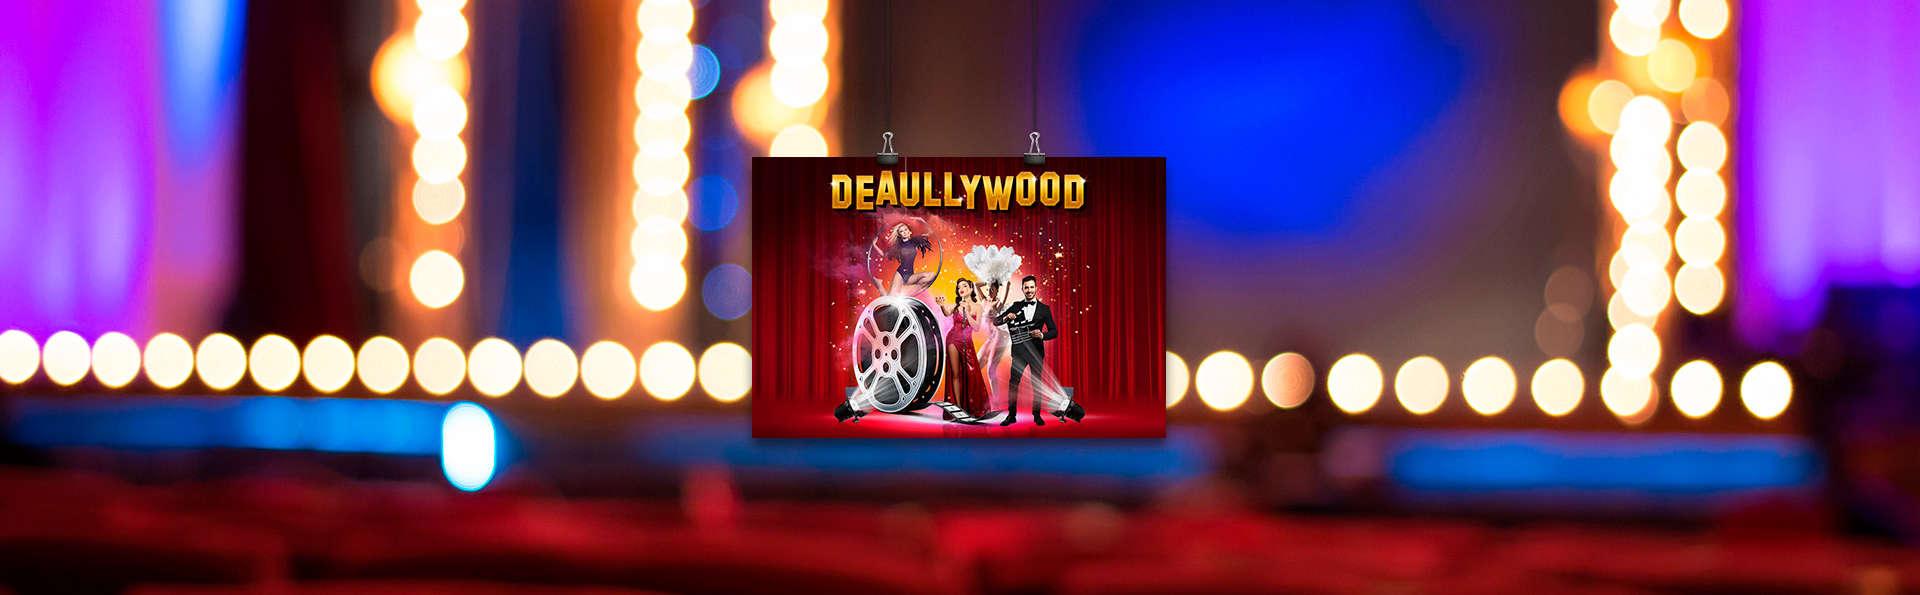 """Entrée au spectacle """"Deaullywood"""" avec dîner avec séjour 3* à Deauville"""